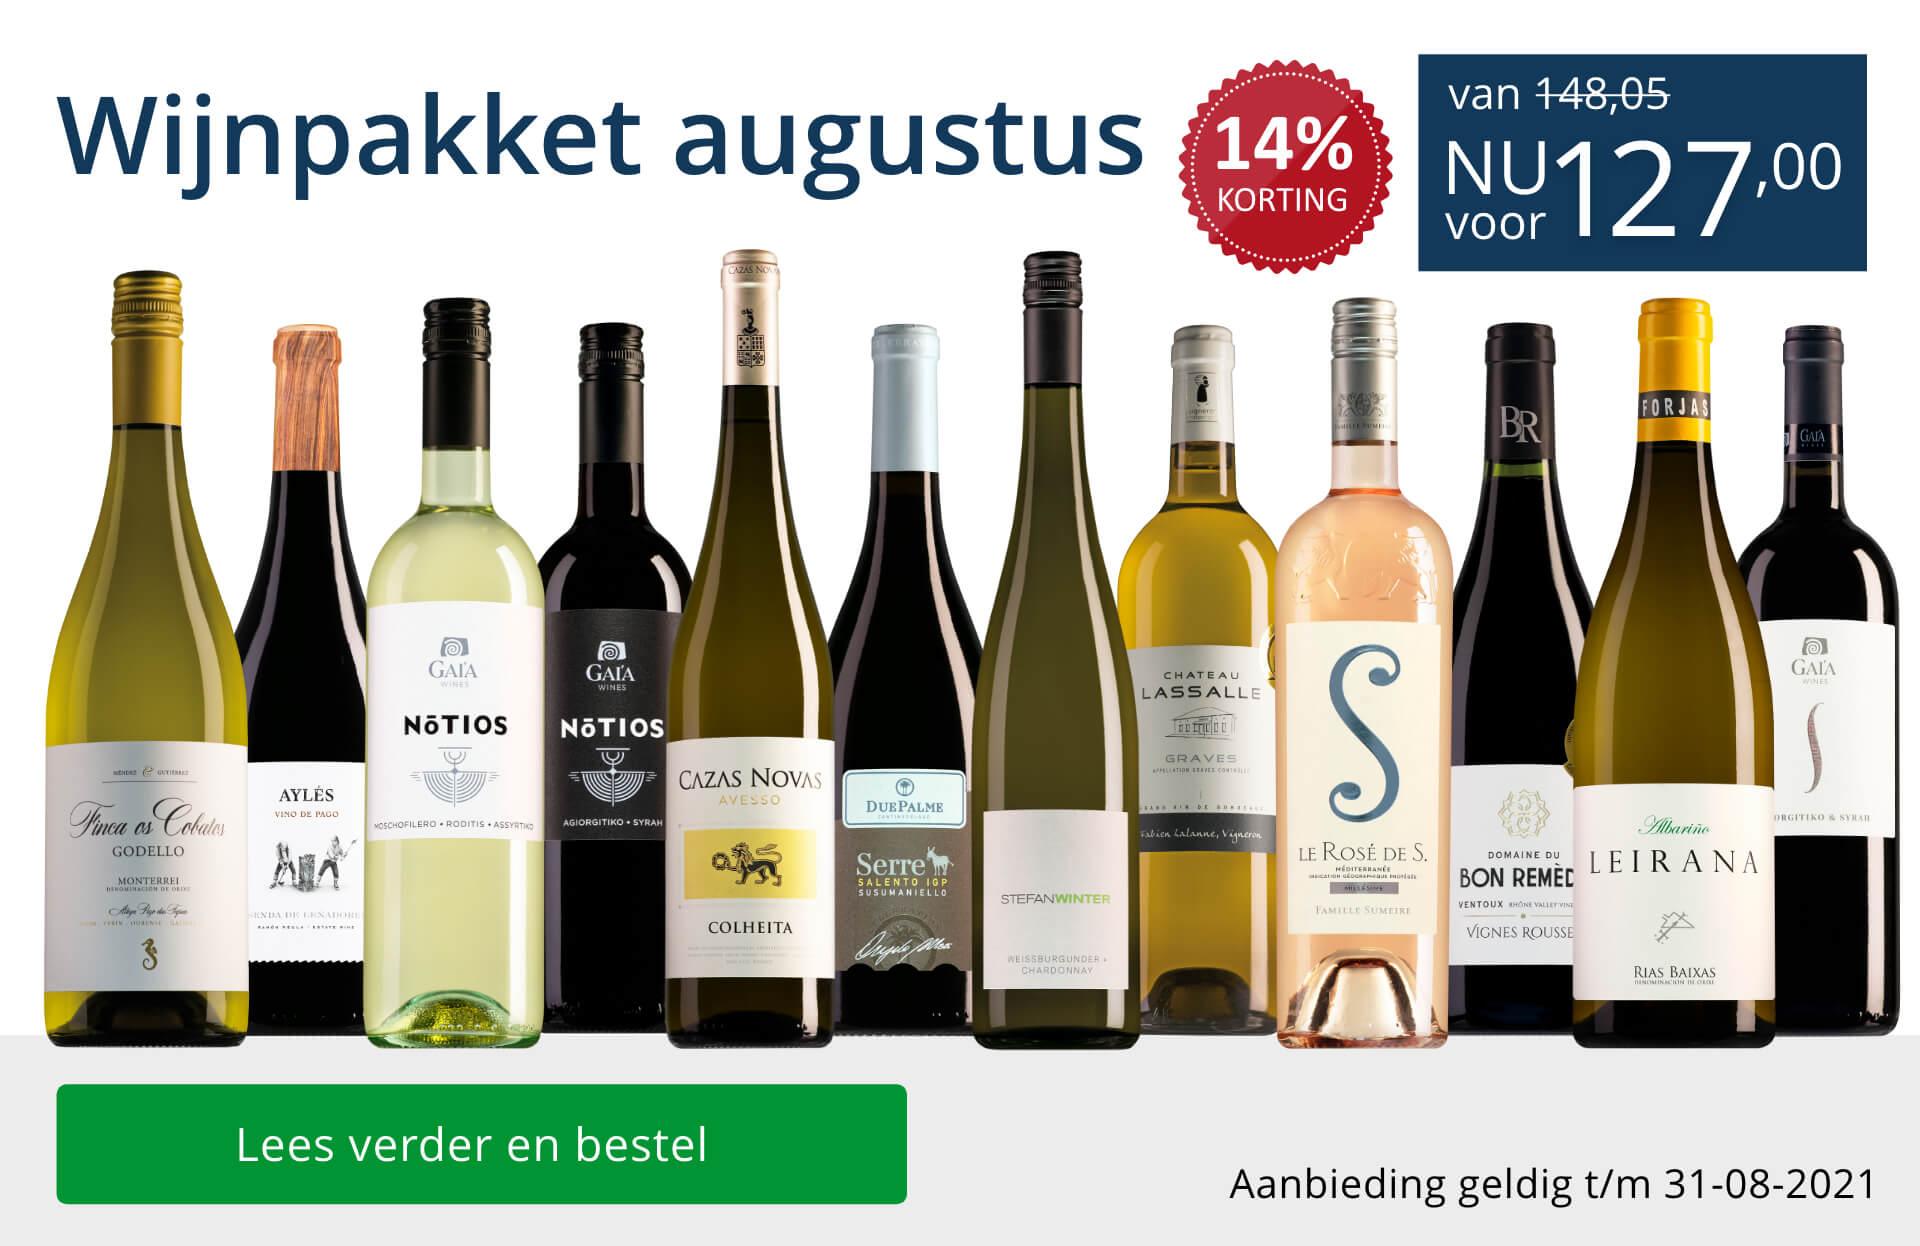 Wijnpakket wijnbericht augustus 2021 (127,00) - blauw